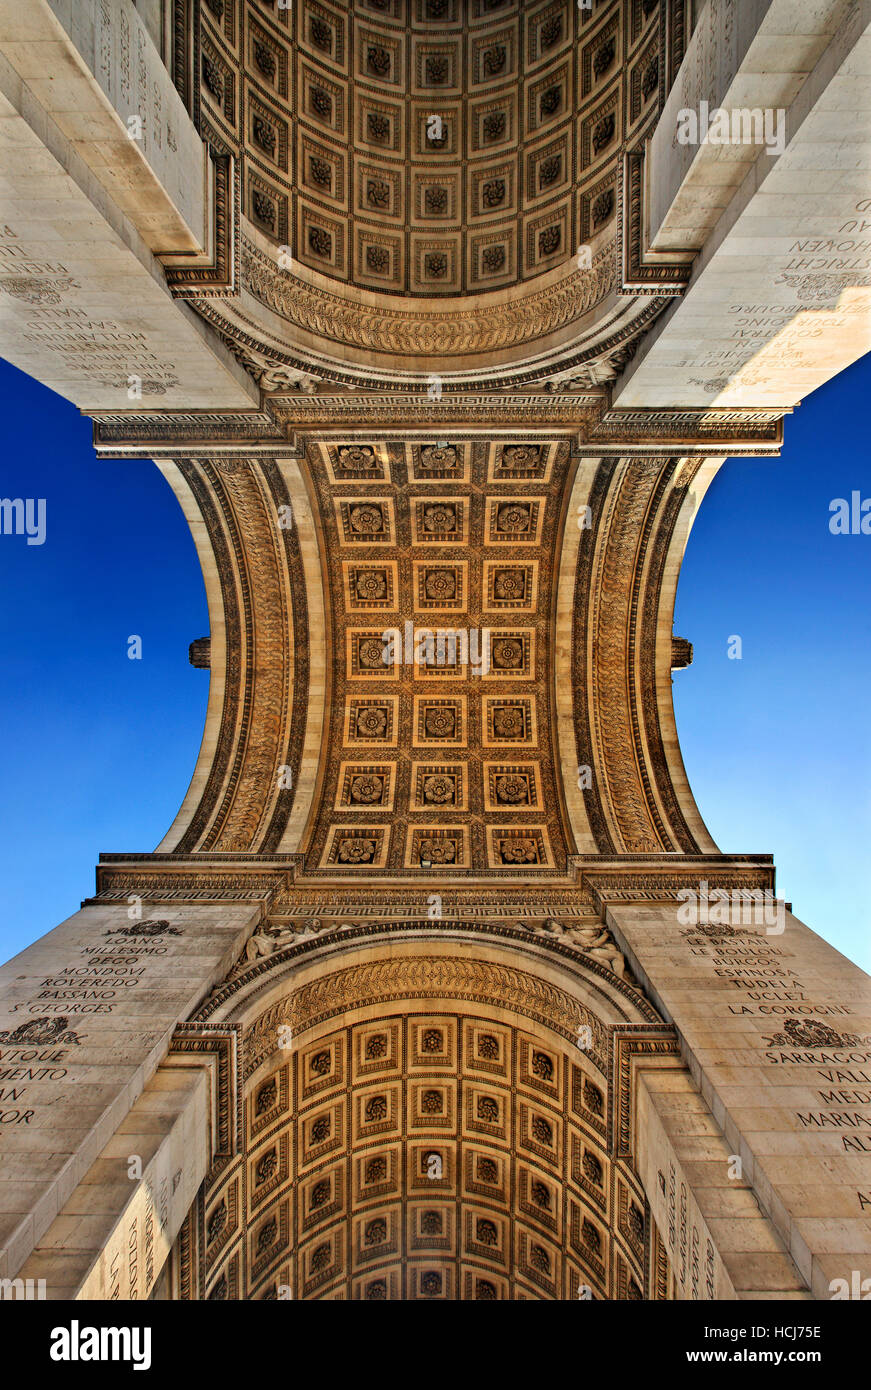 Under the Arc de Triomphe  (Arch of Triumph), Paris, France. - Stock Image